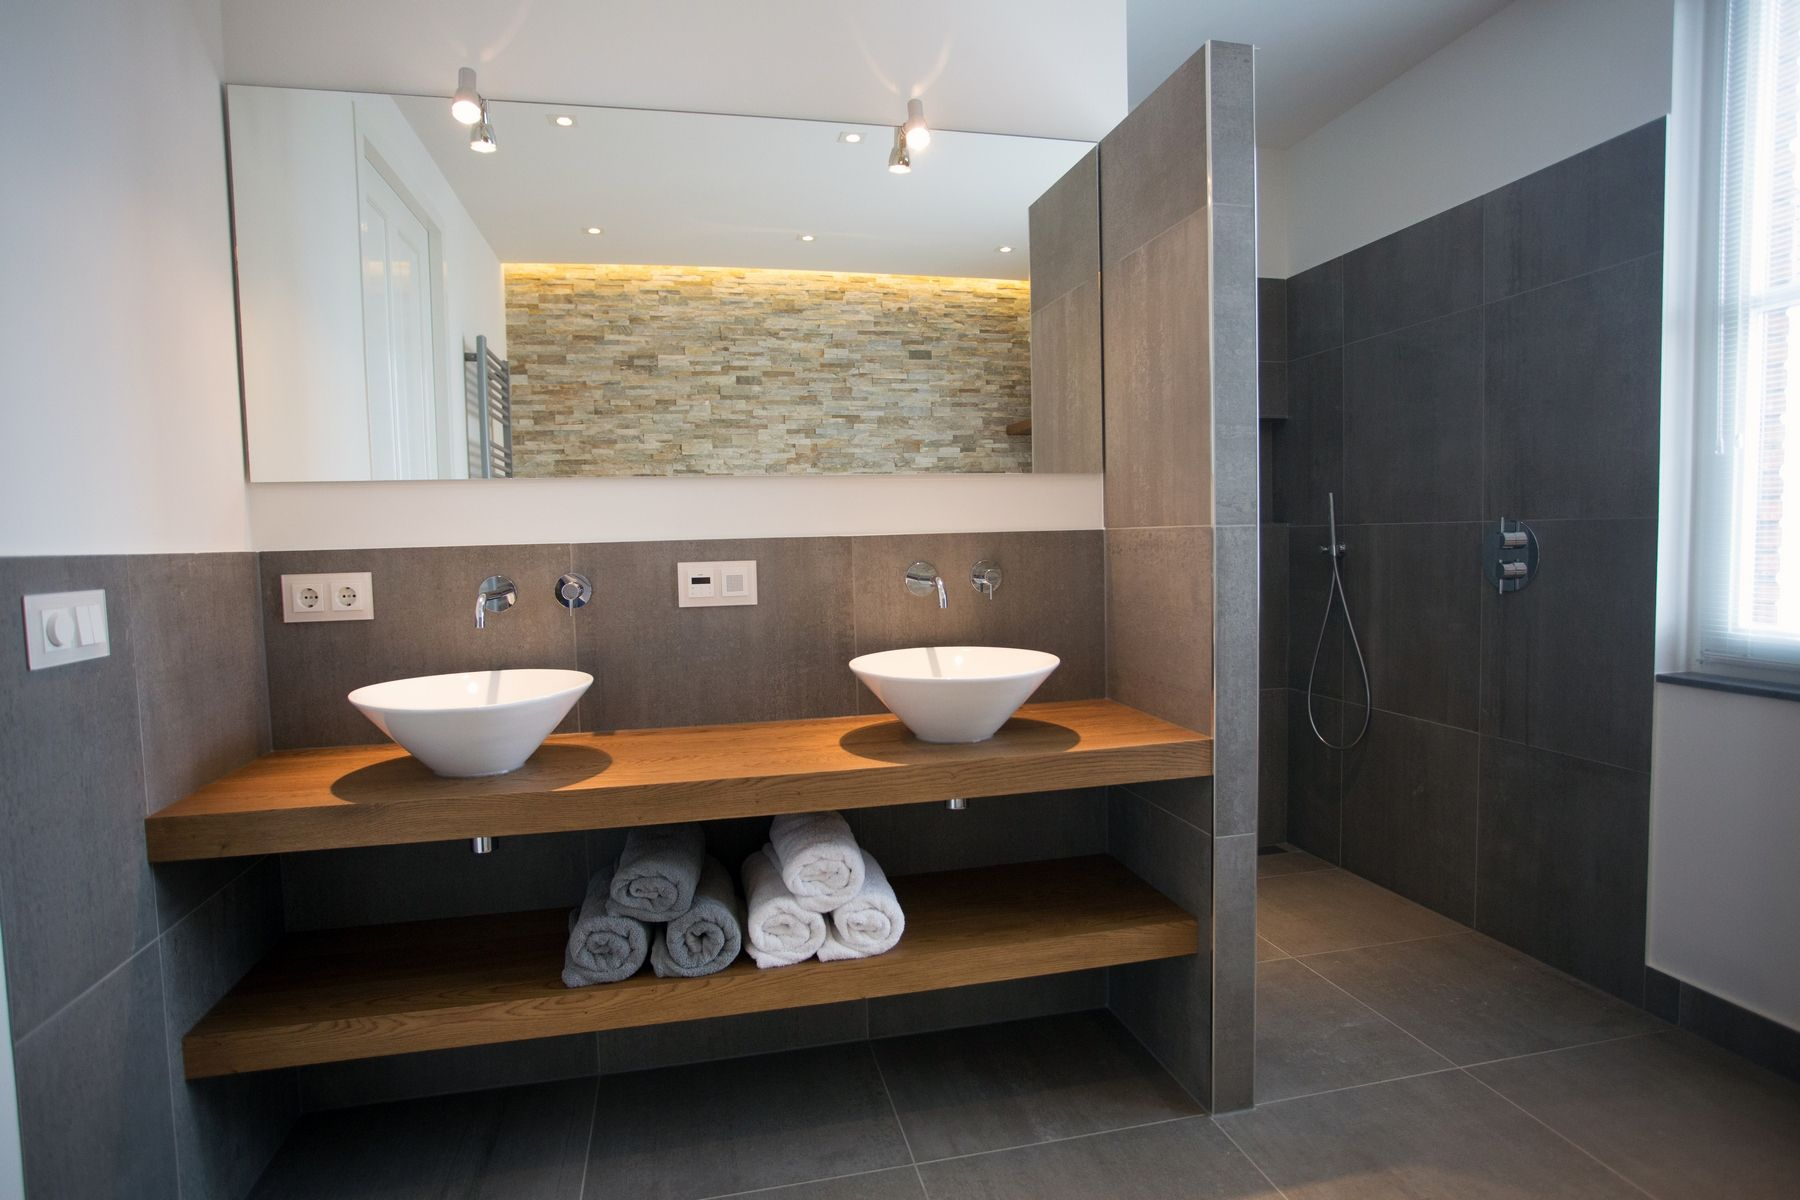 Badkamer Utrecht / badkamershowroom De Eerste Kamer | House